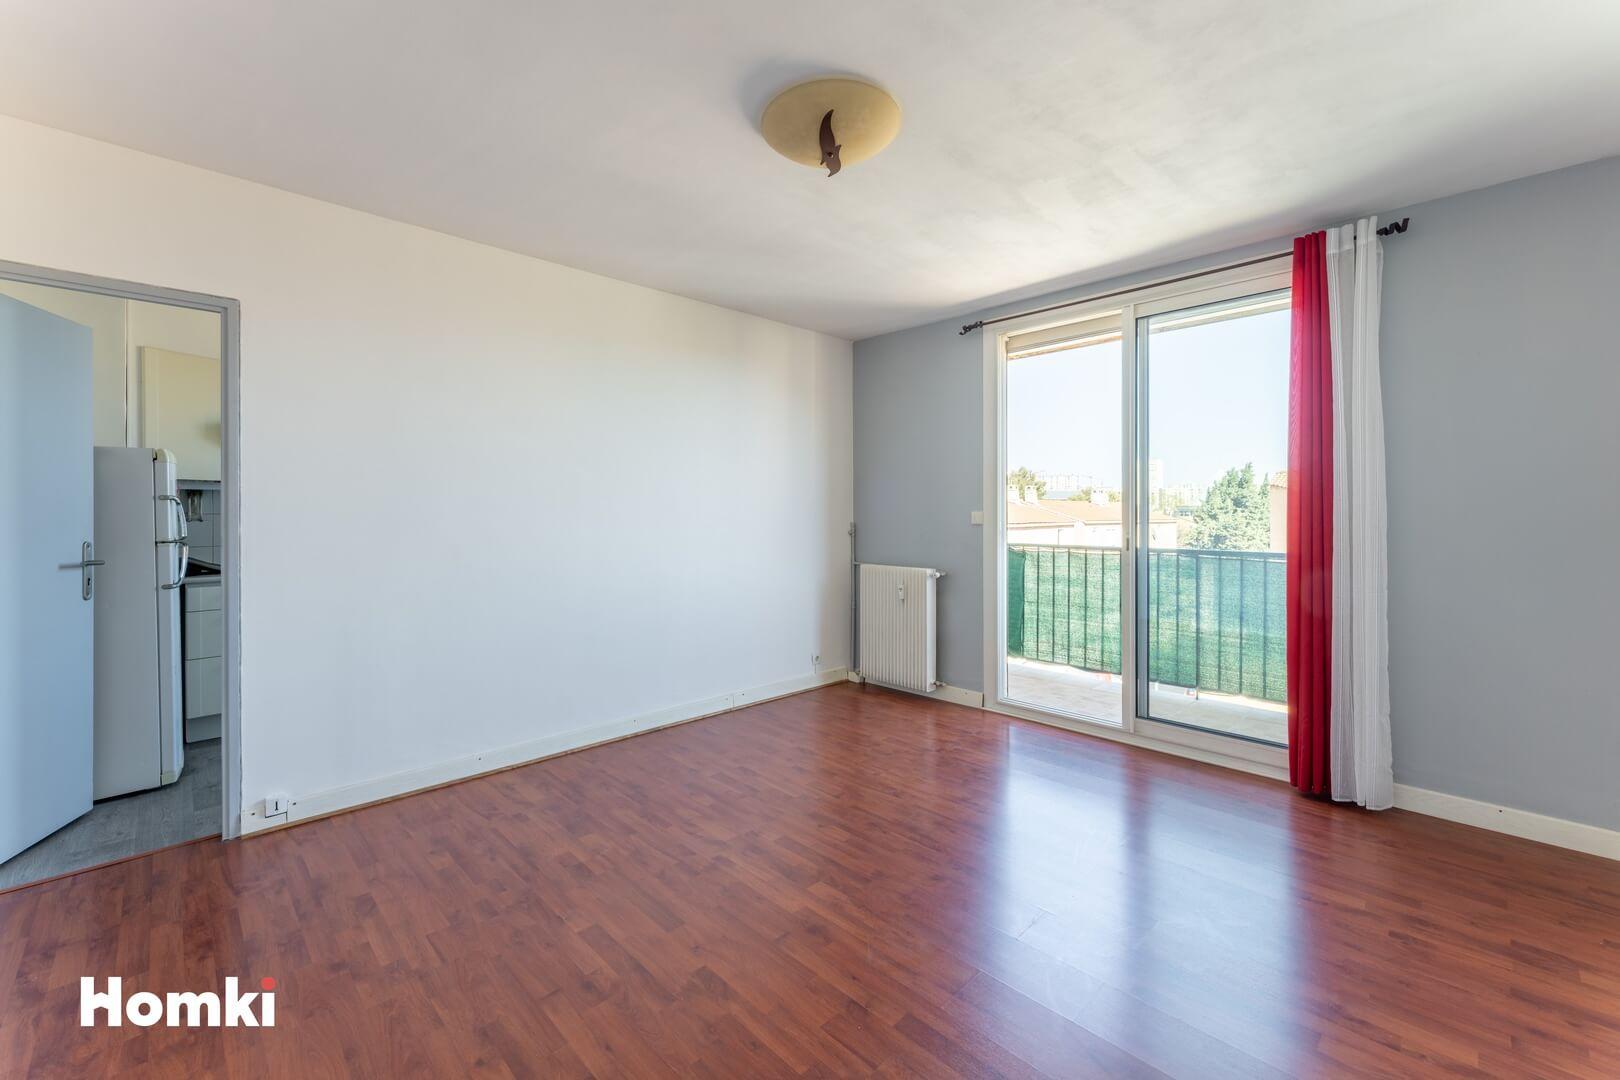 Homki - Vente Appartement  de 43.0 m² à Marseille 13014